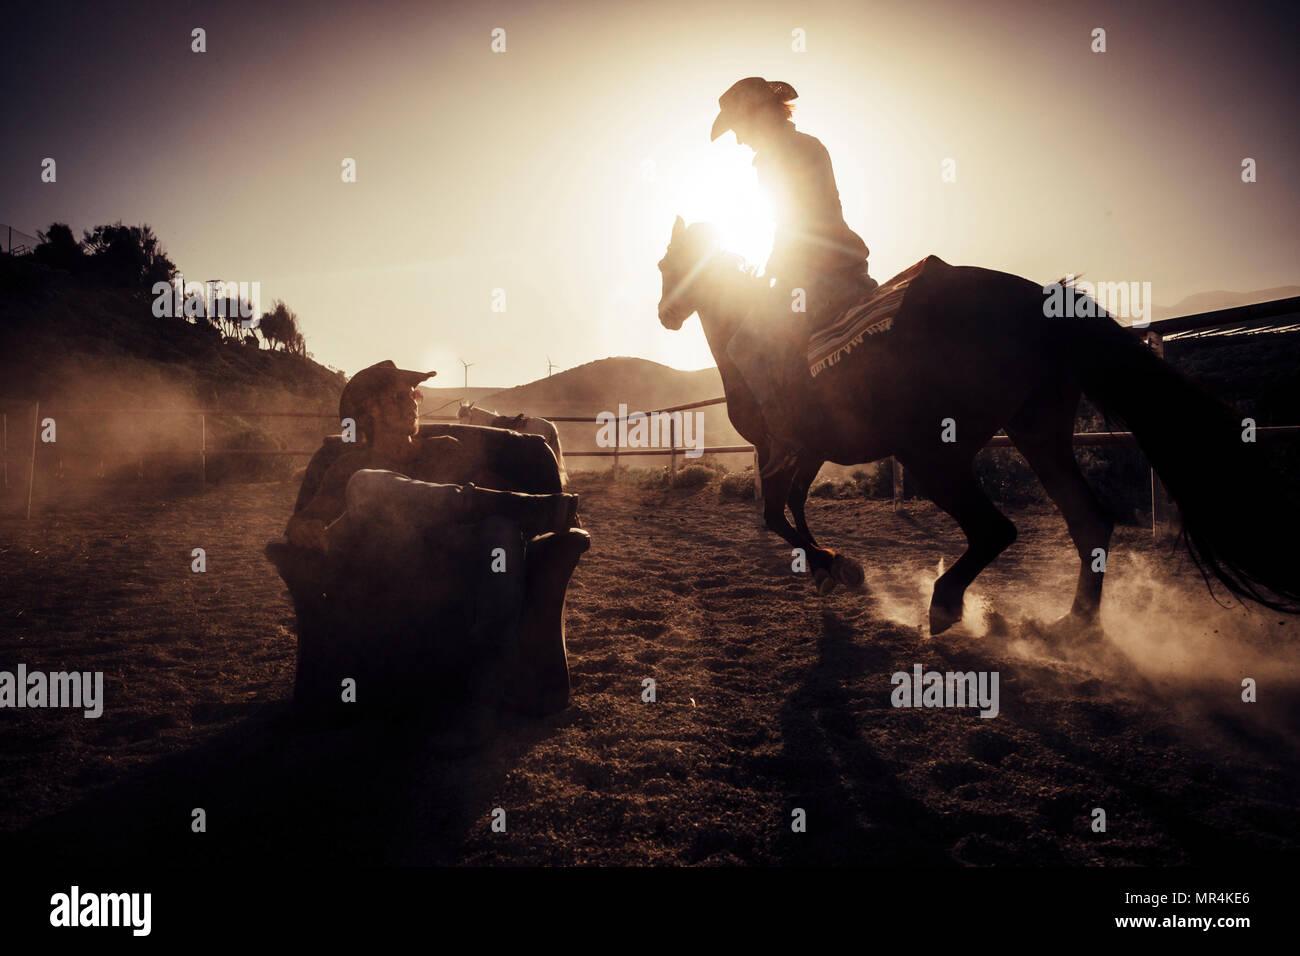 Concepto de héroe dramático y publicidad de imagen estilo cowgirl haciendo polvo a caballo cerca de un vaquero siéntese en una silla en medio de la pista. Foto de stock